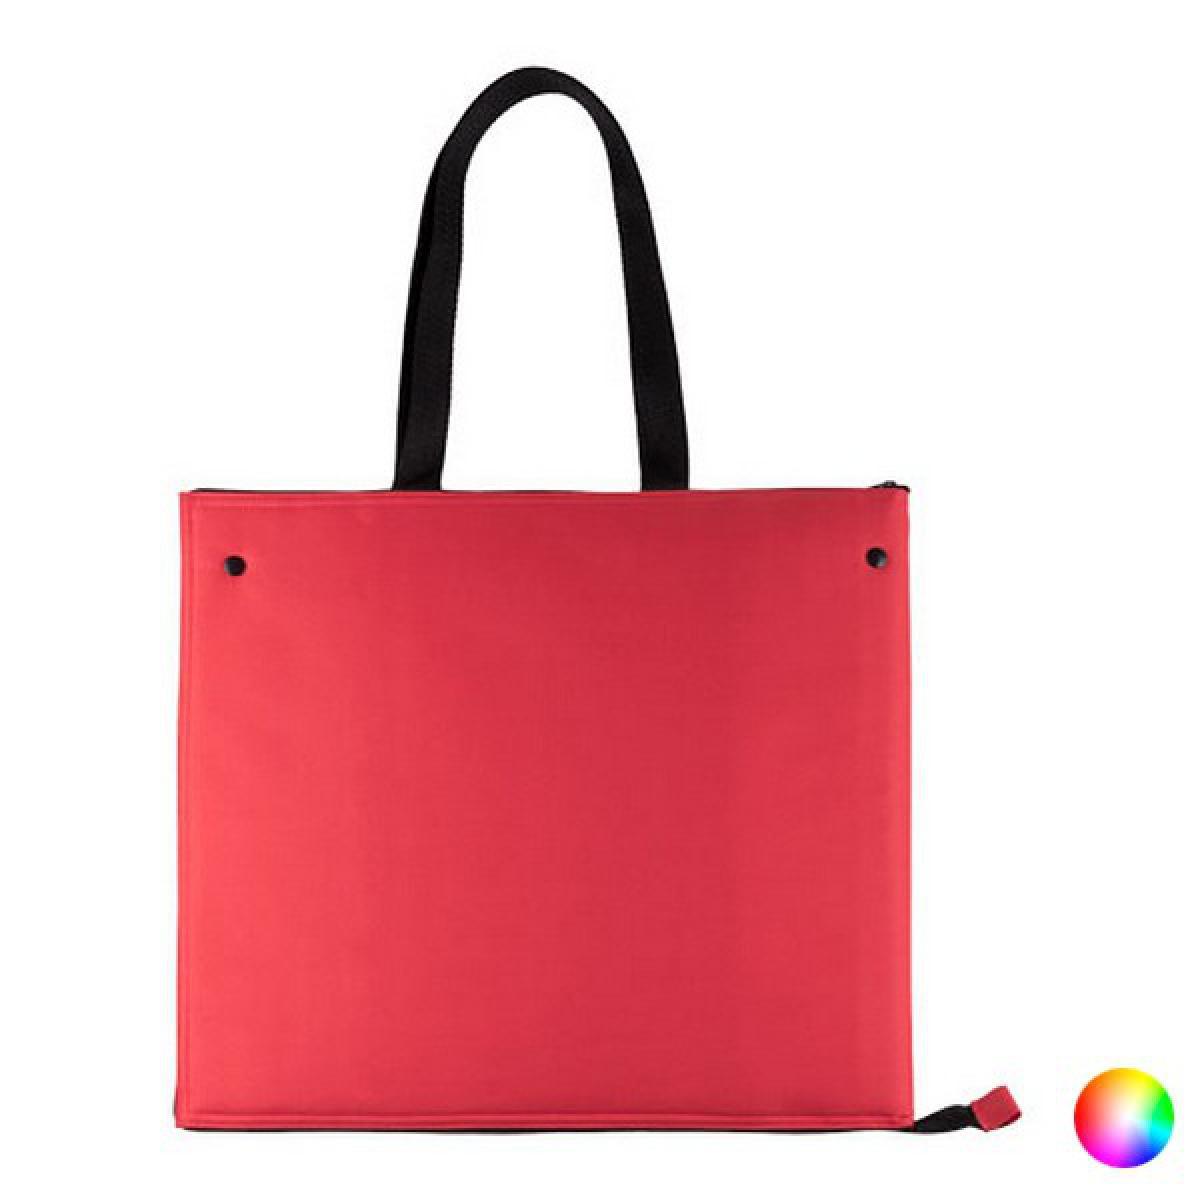 Totalcadeau Sac Réfrigérant en polyester avec intérieur isotherme en aluminium - Sac glaçiere Couleur - Rouge